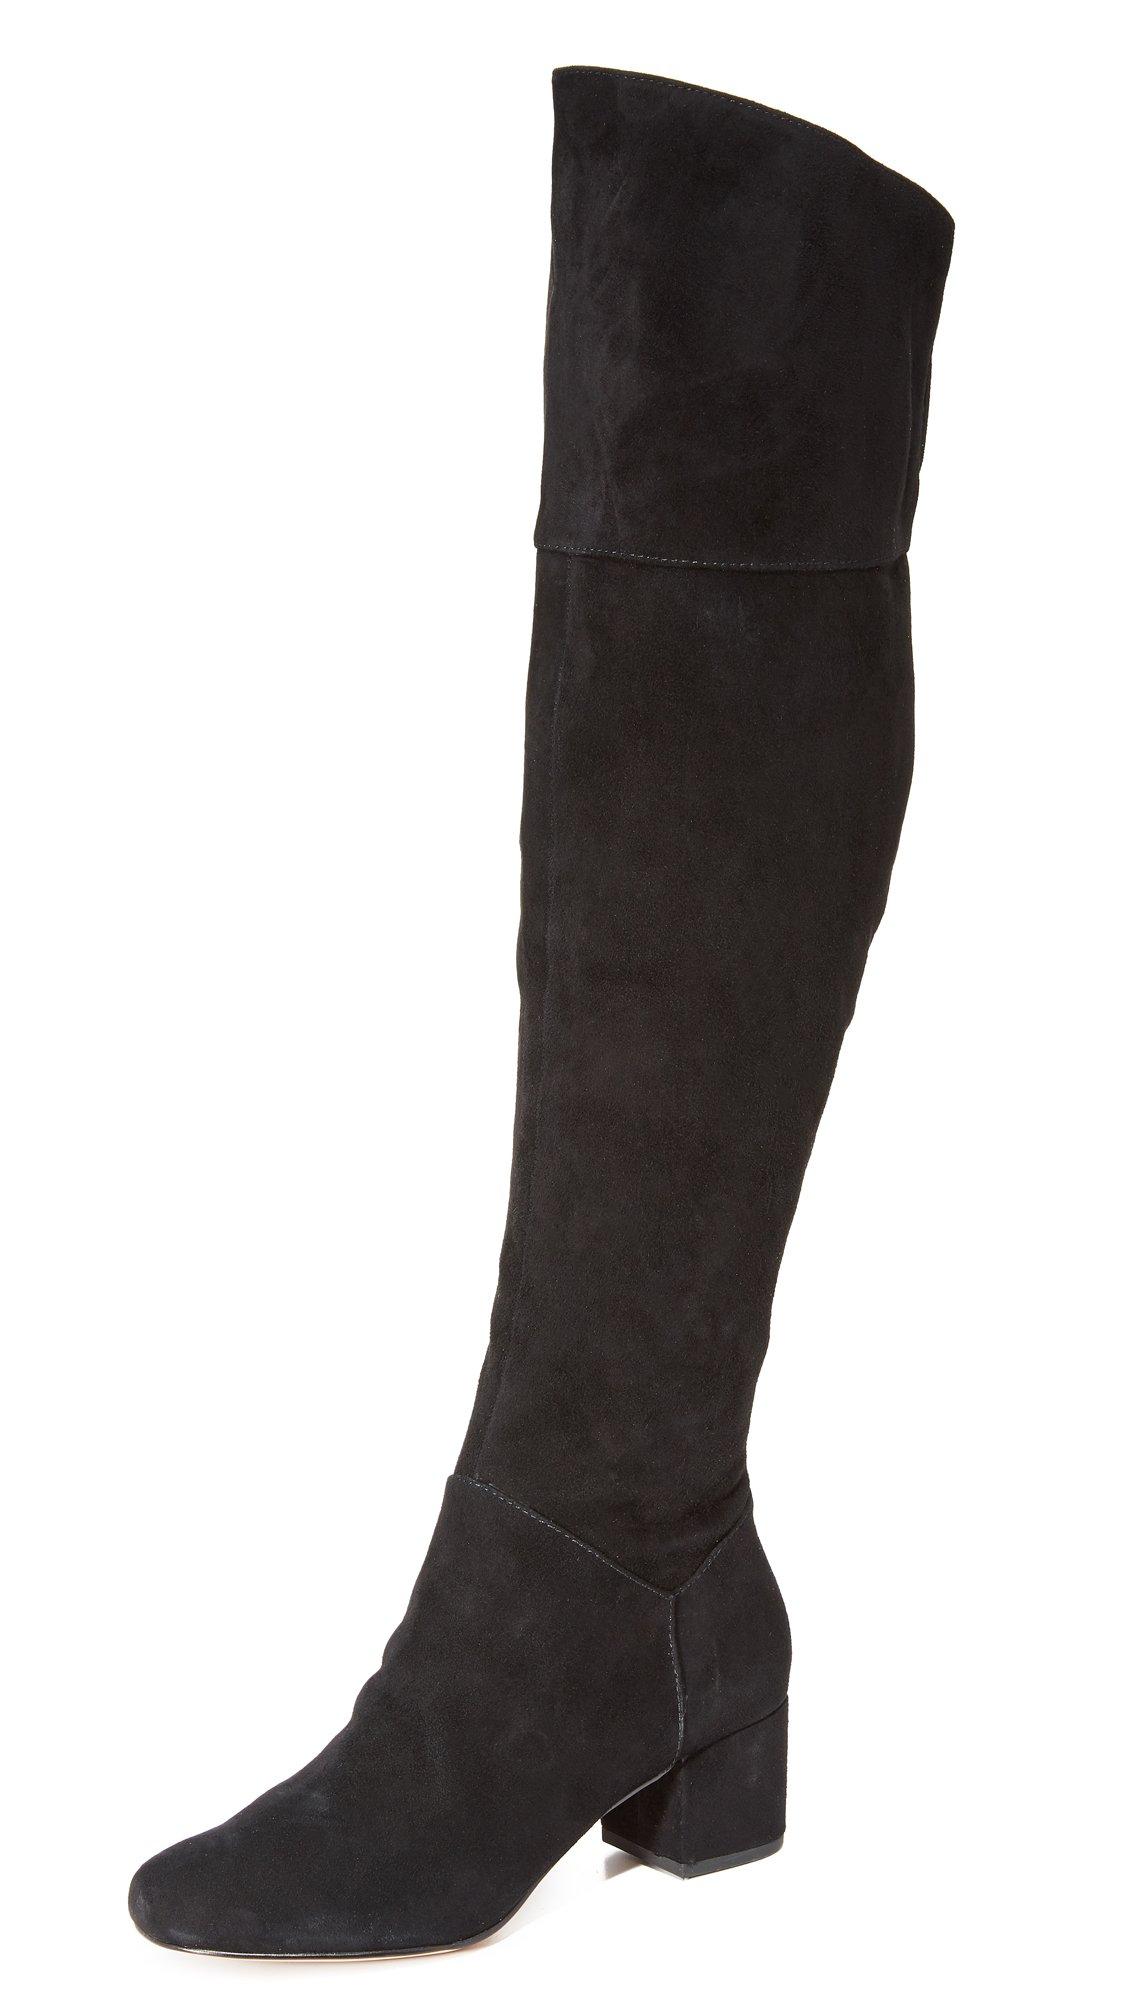 Rebecca Minkoff Women's Shawn Knee High Boots, Black, 8 B(M) US